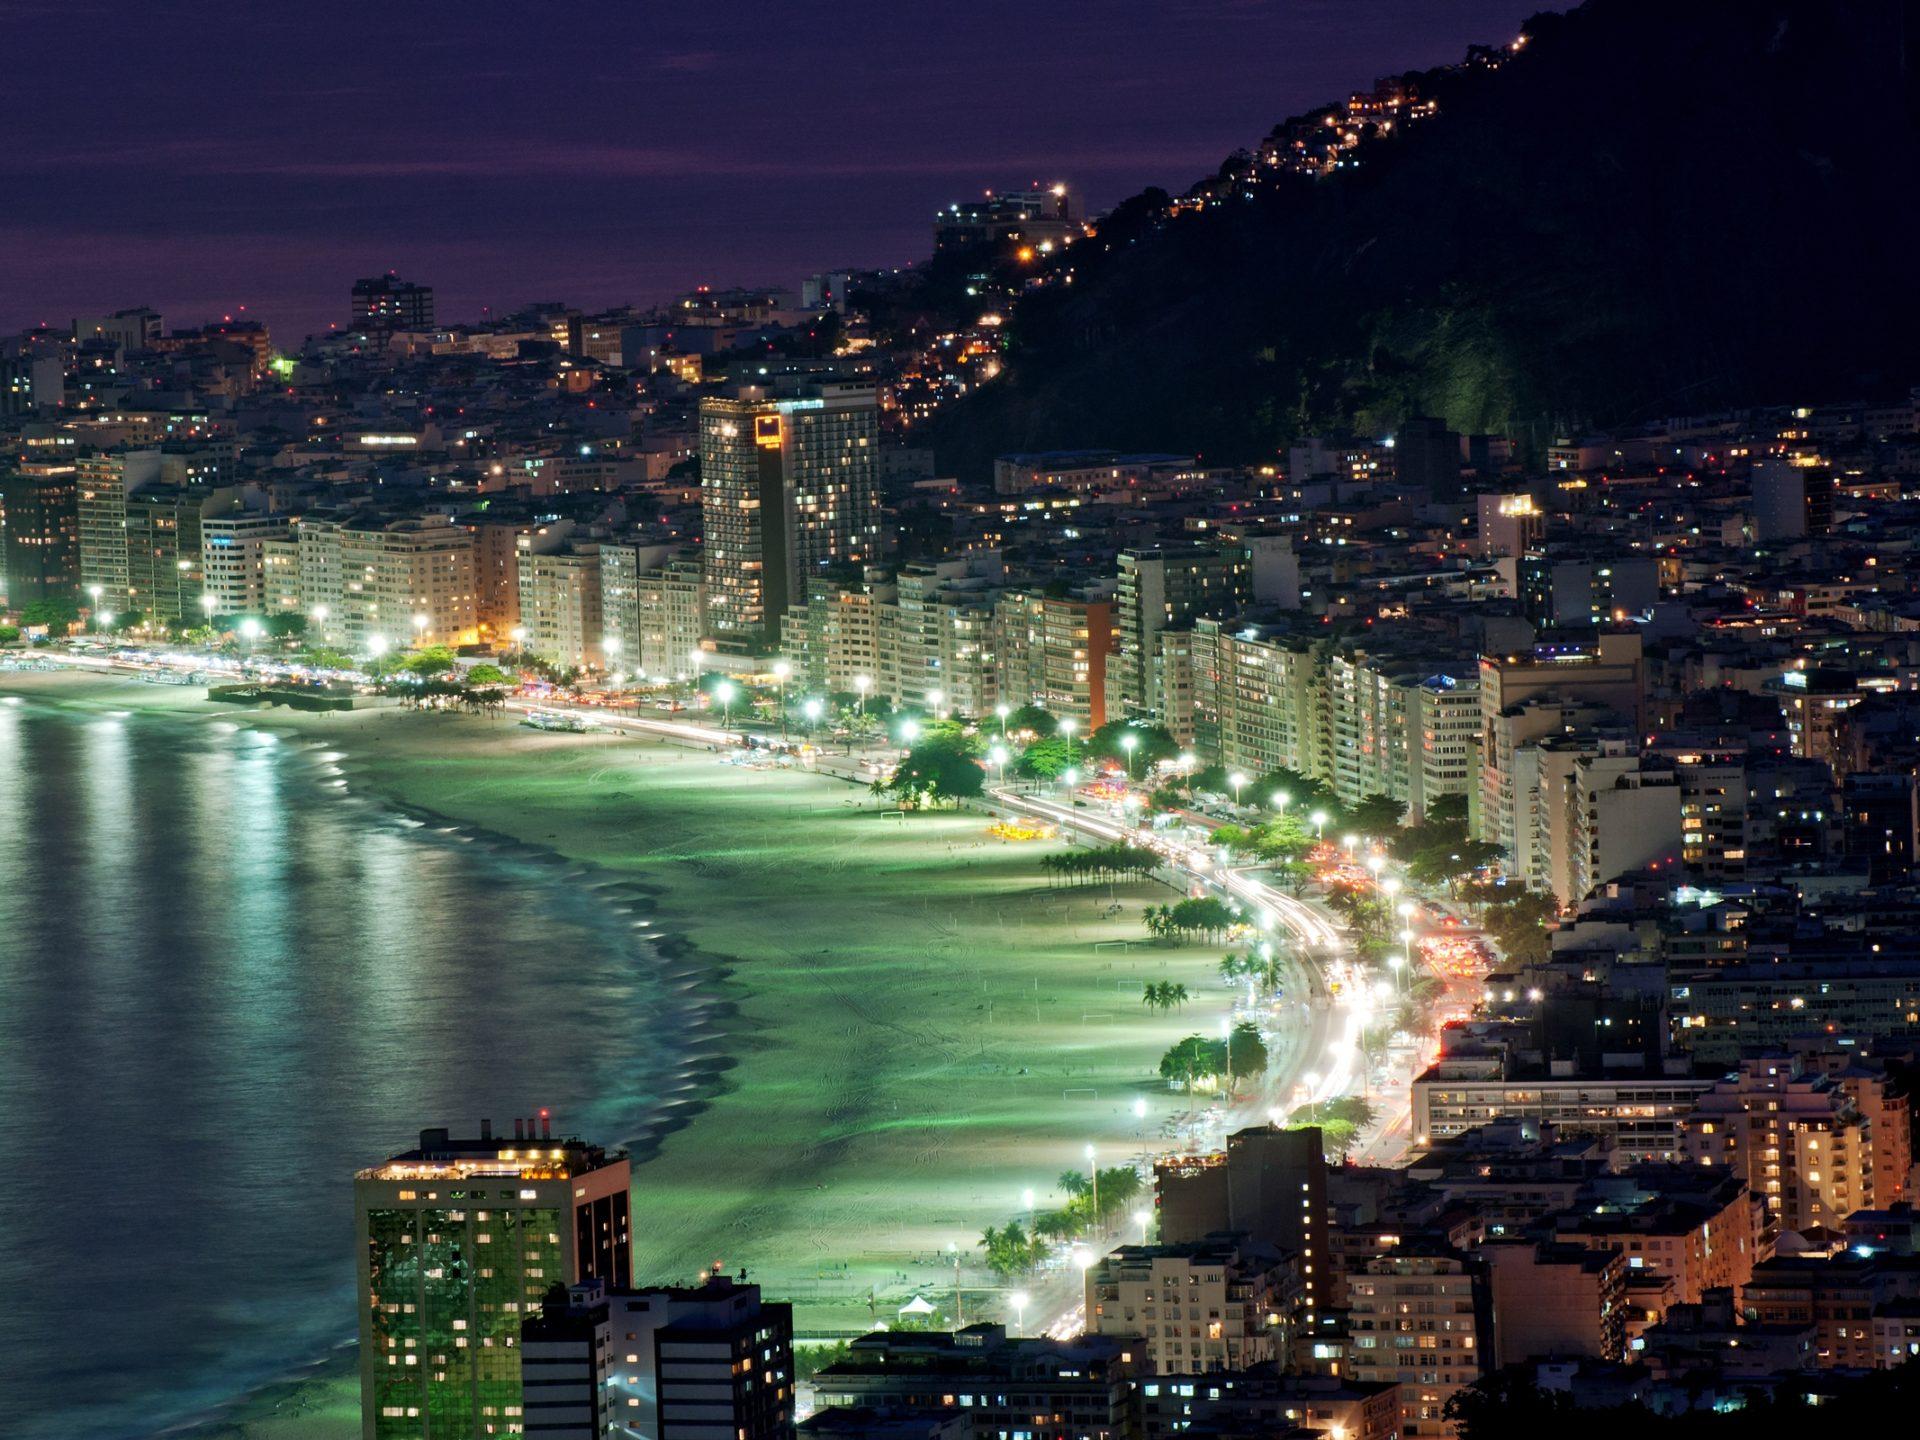 Rio De Janeiro Wallpaper Iphone Rio De Janeiro At Night 7976954 Wallpapers13 Com